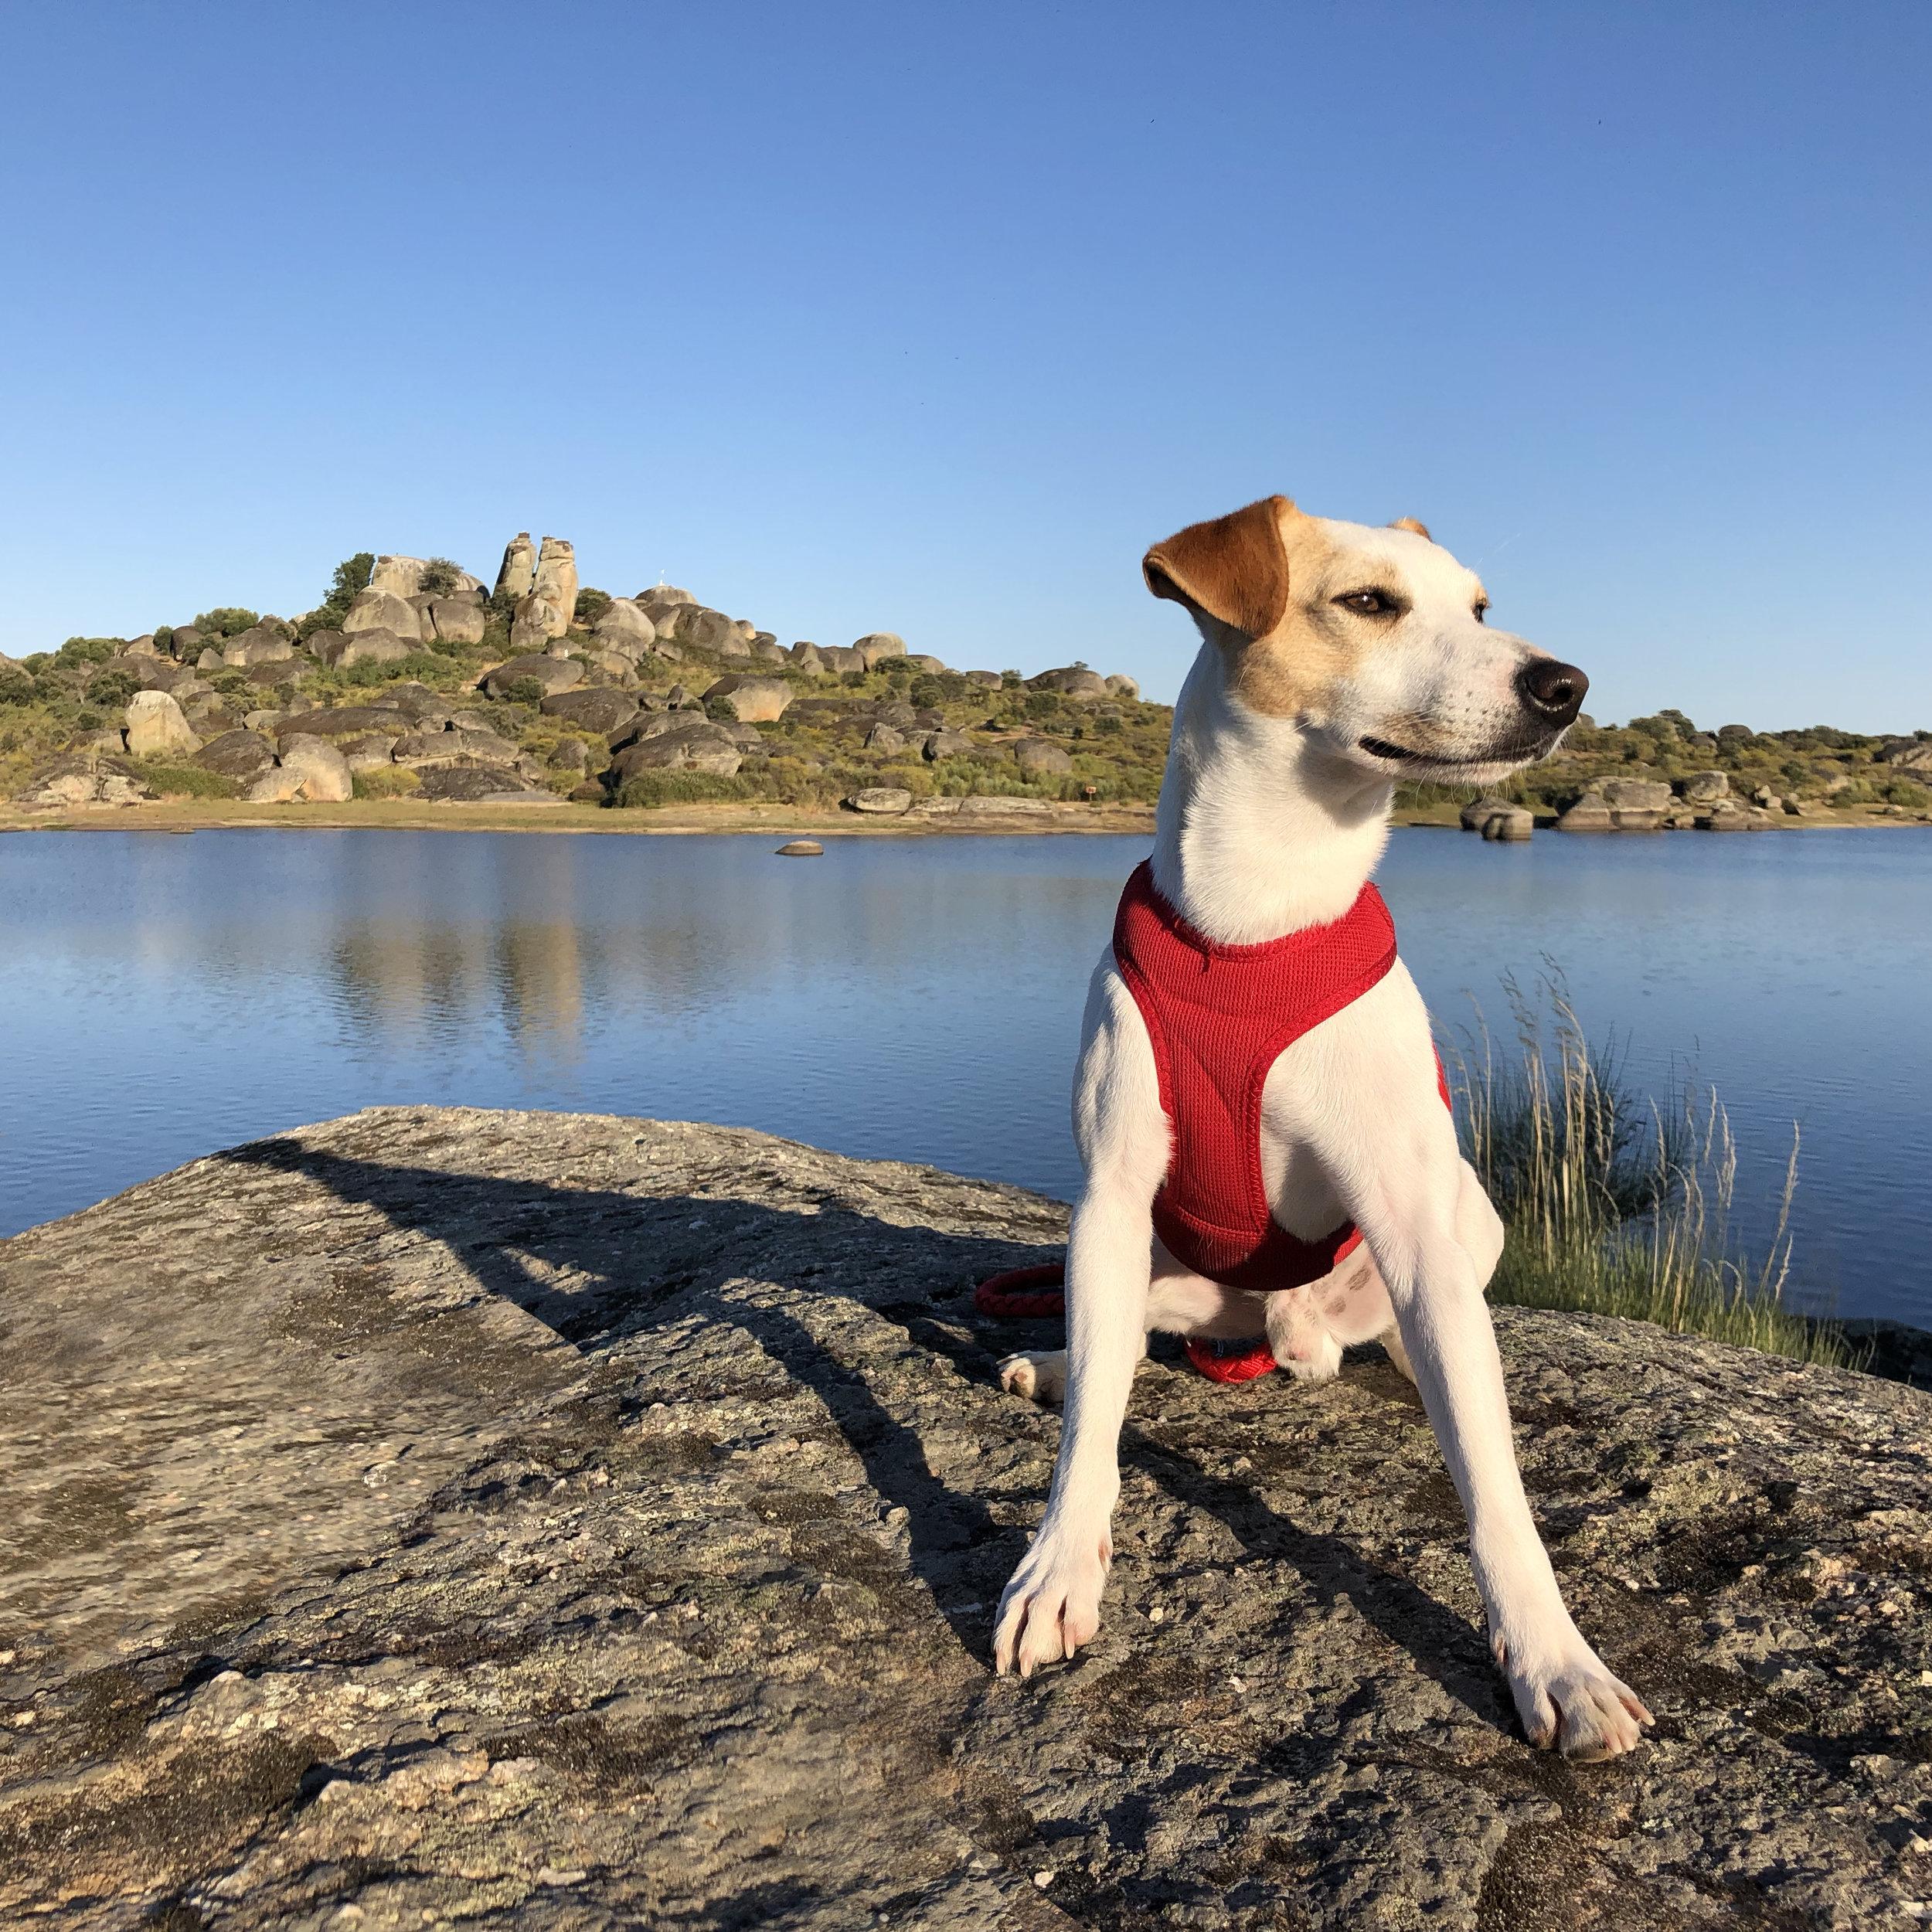 El perro viajero en Los Barruecos.